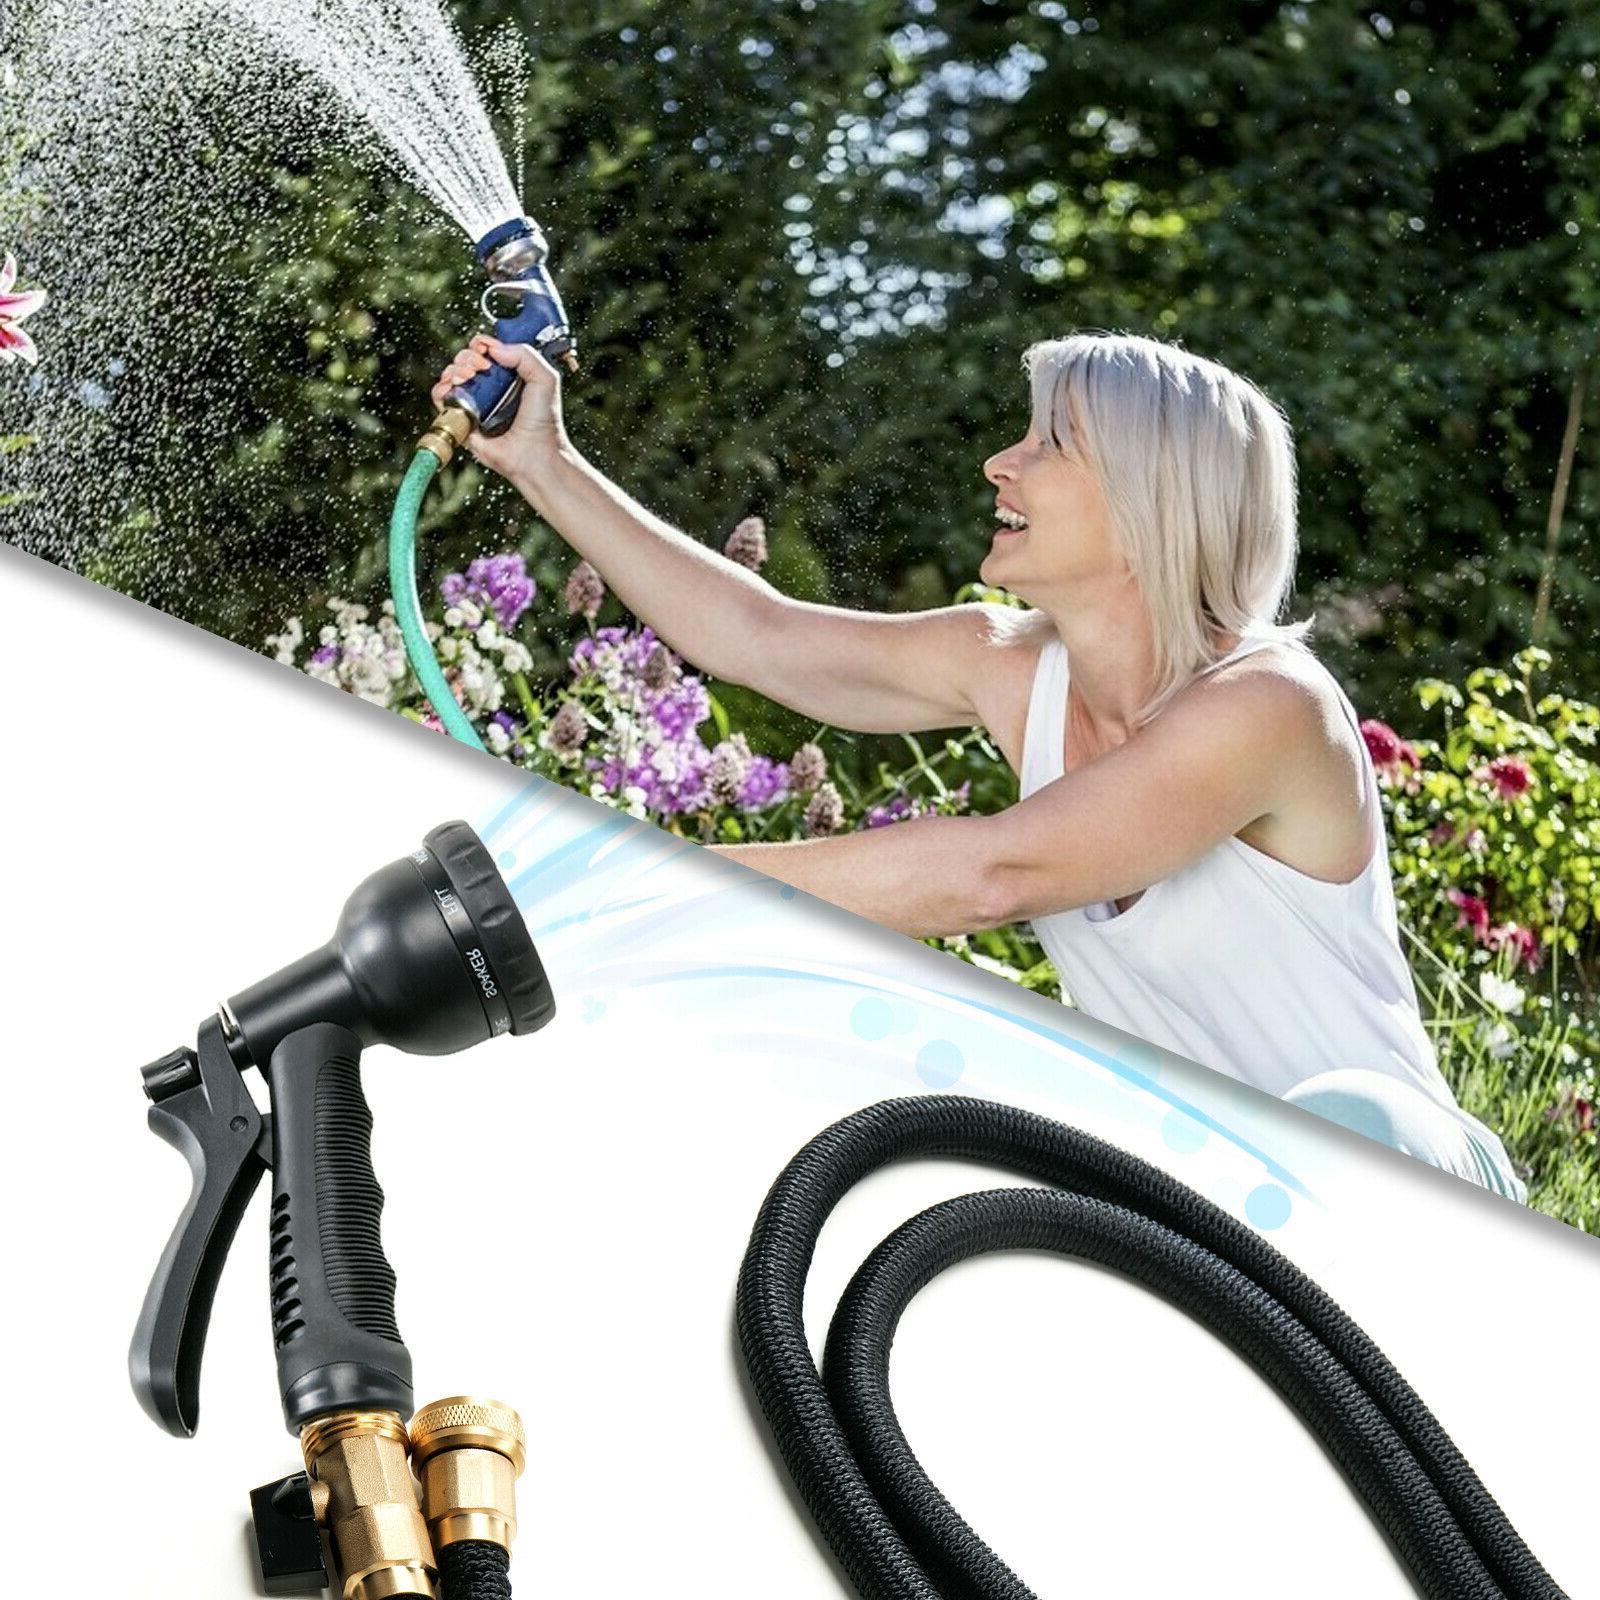 Deluxe 100 FT Flexible Garden Water